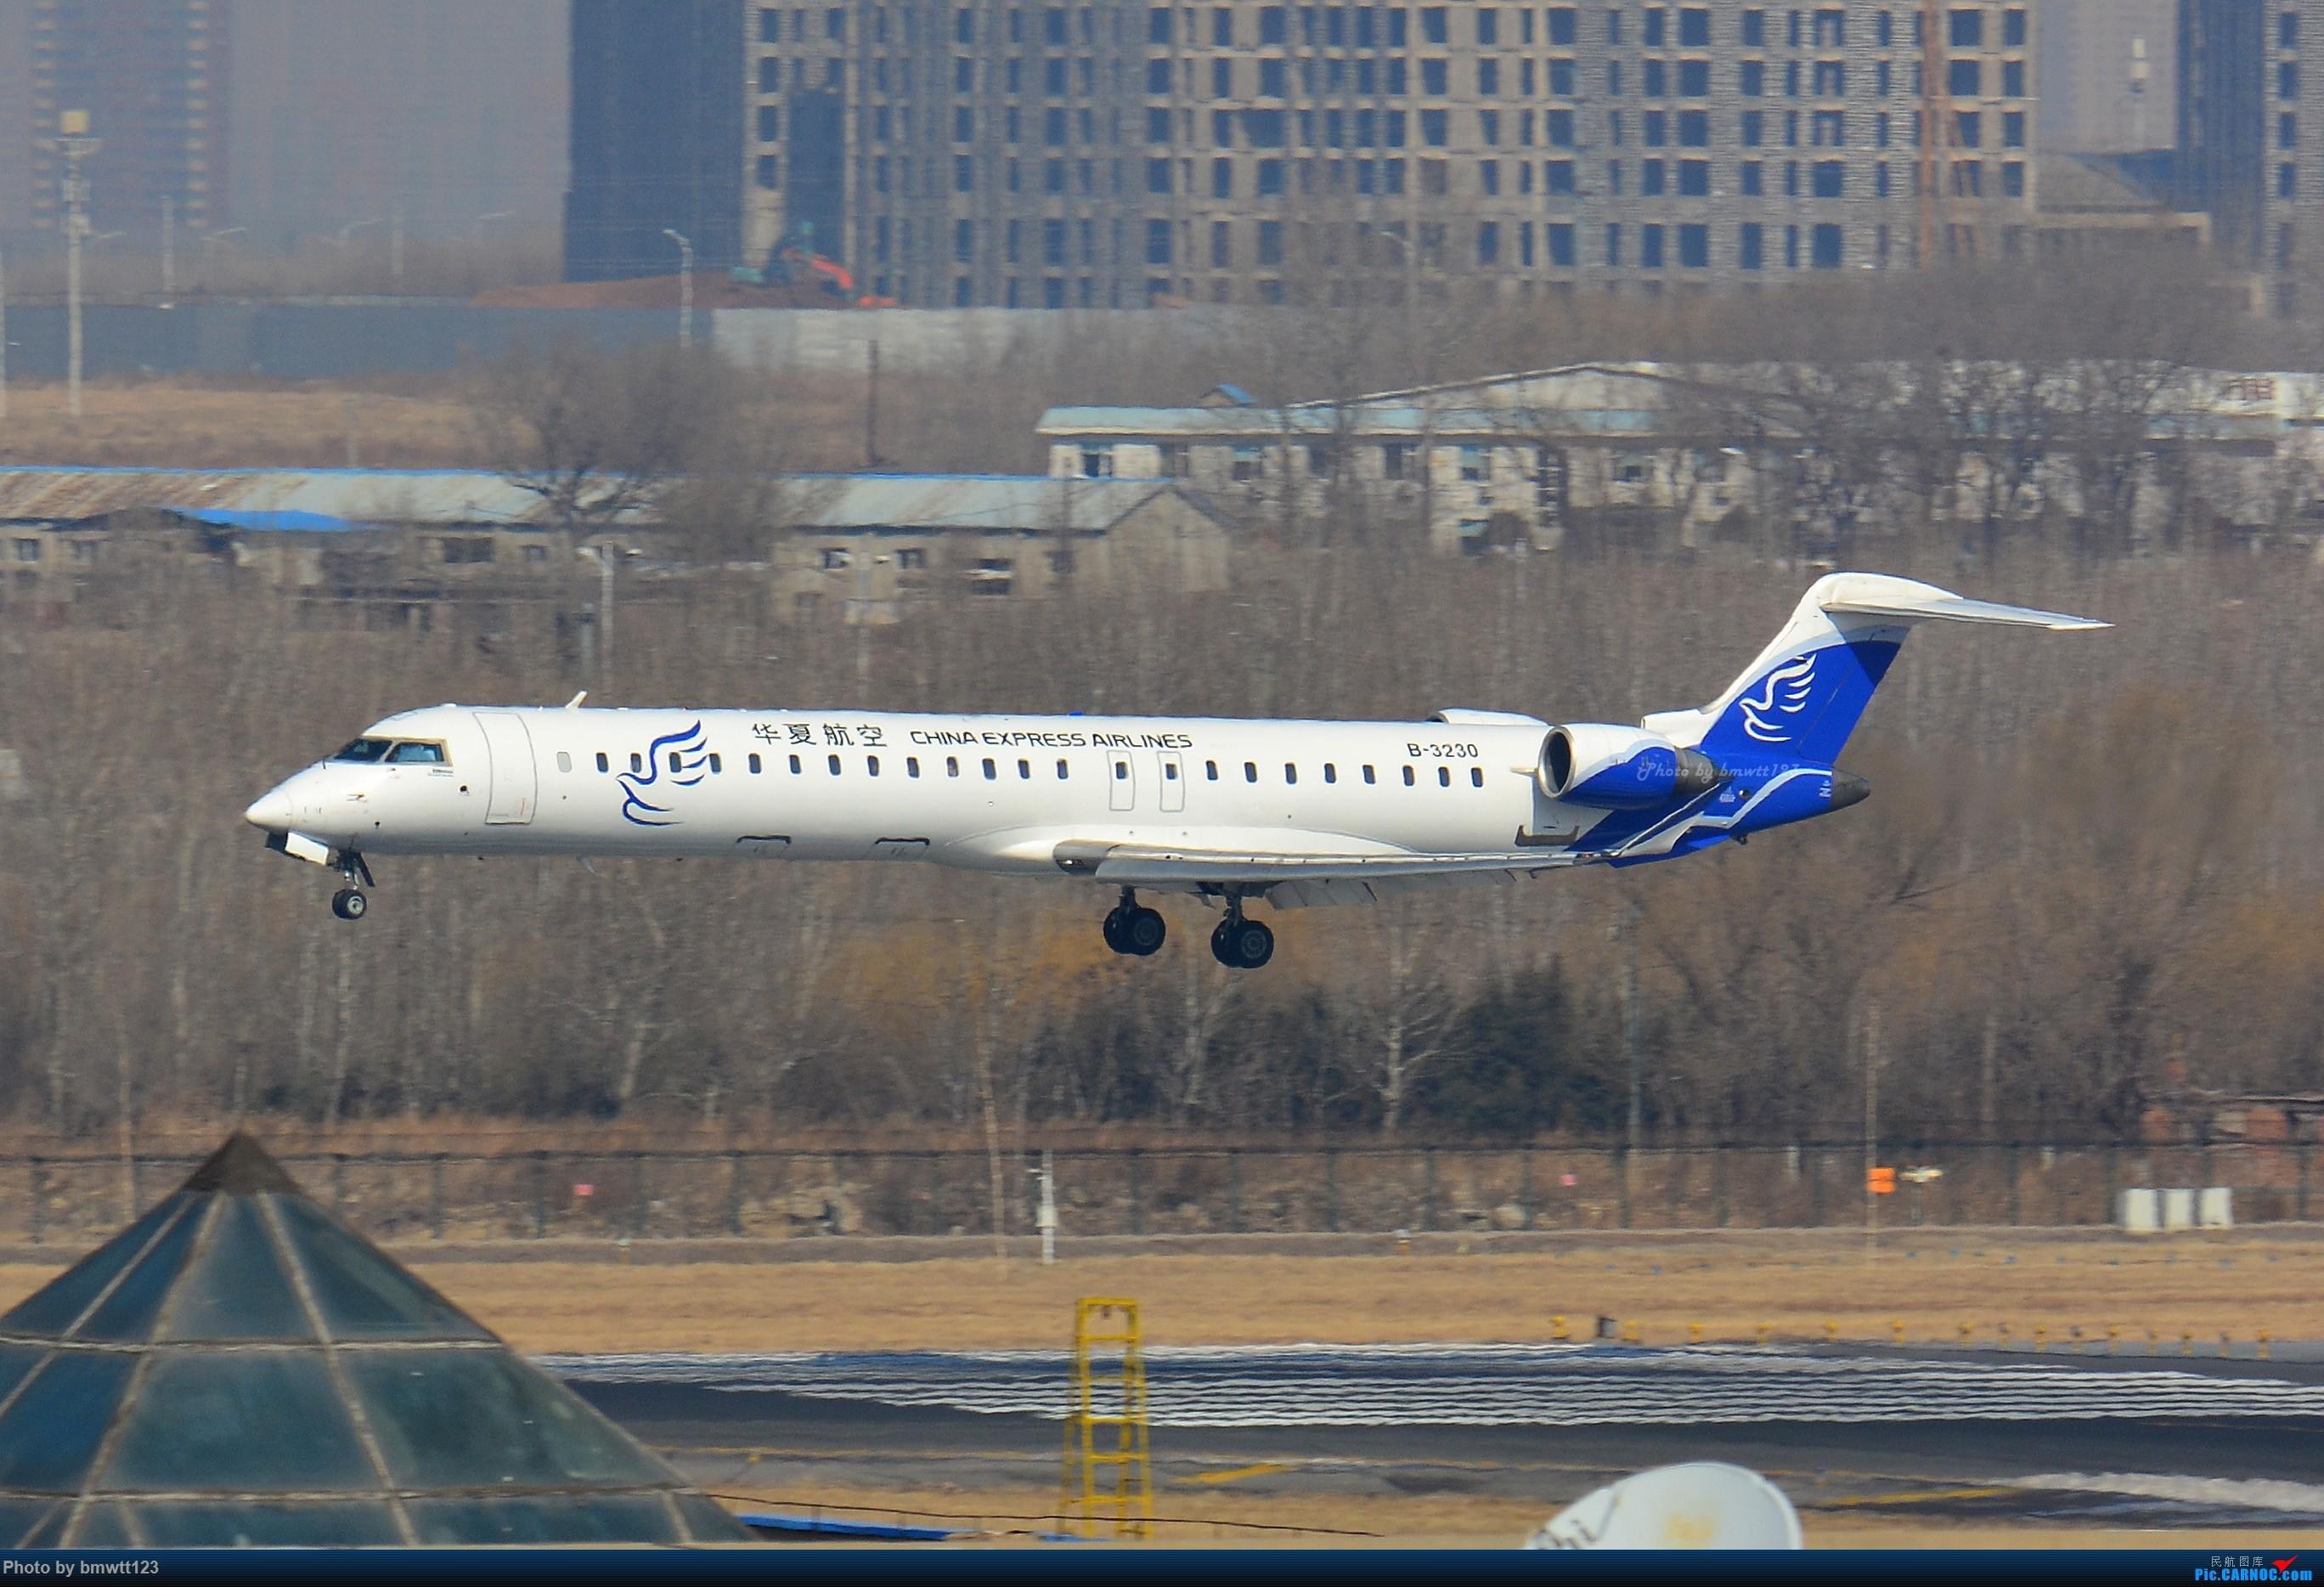 Re:[原创]【SHE沈阳】第43次桃仙拍机!好久没拍了。。。 BOMBARDIER CRJ900NG B-3230 中国沈阳桃仙国际机场